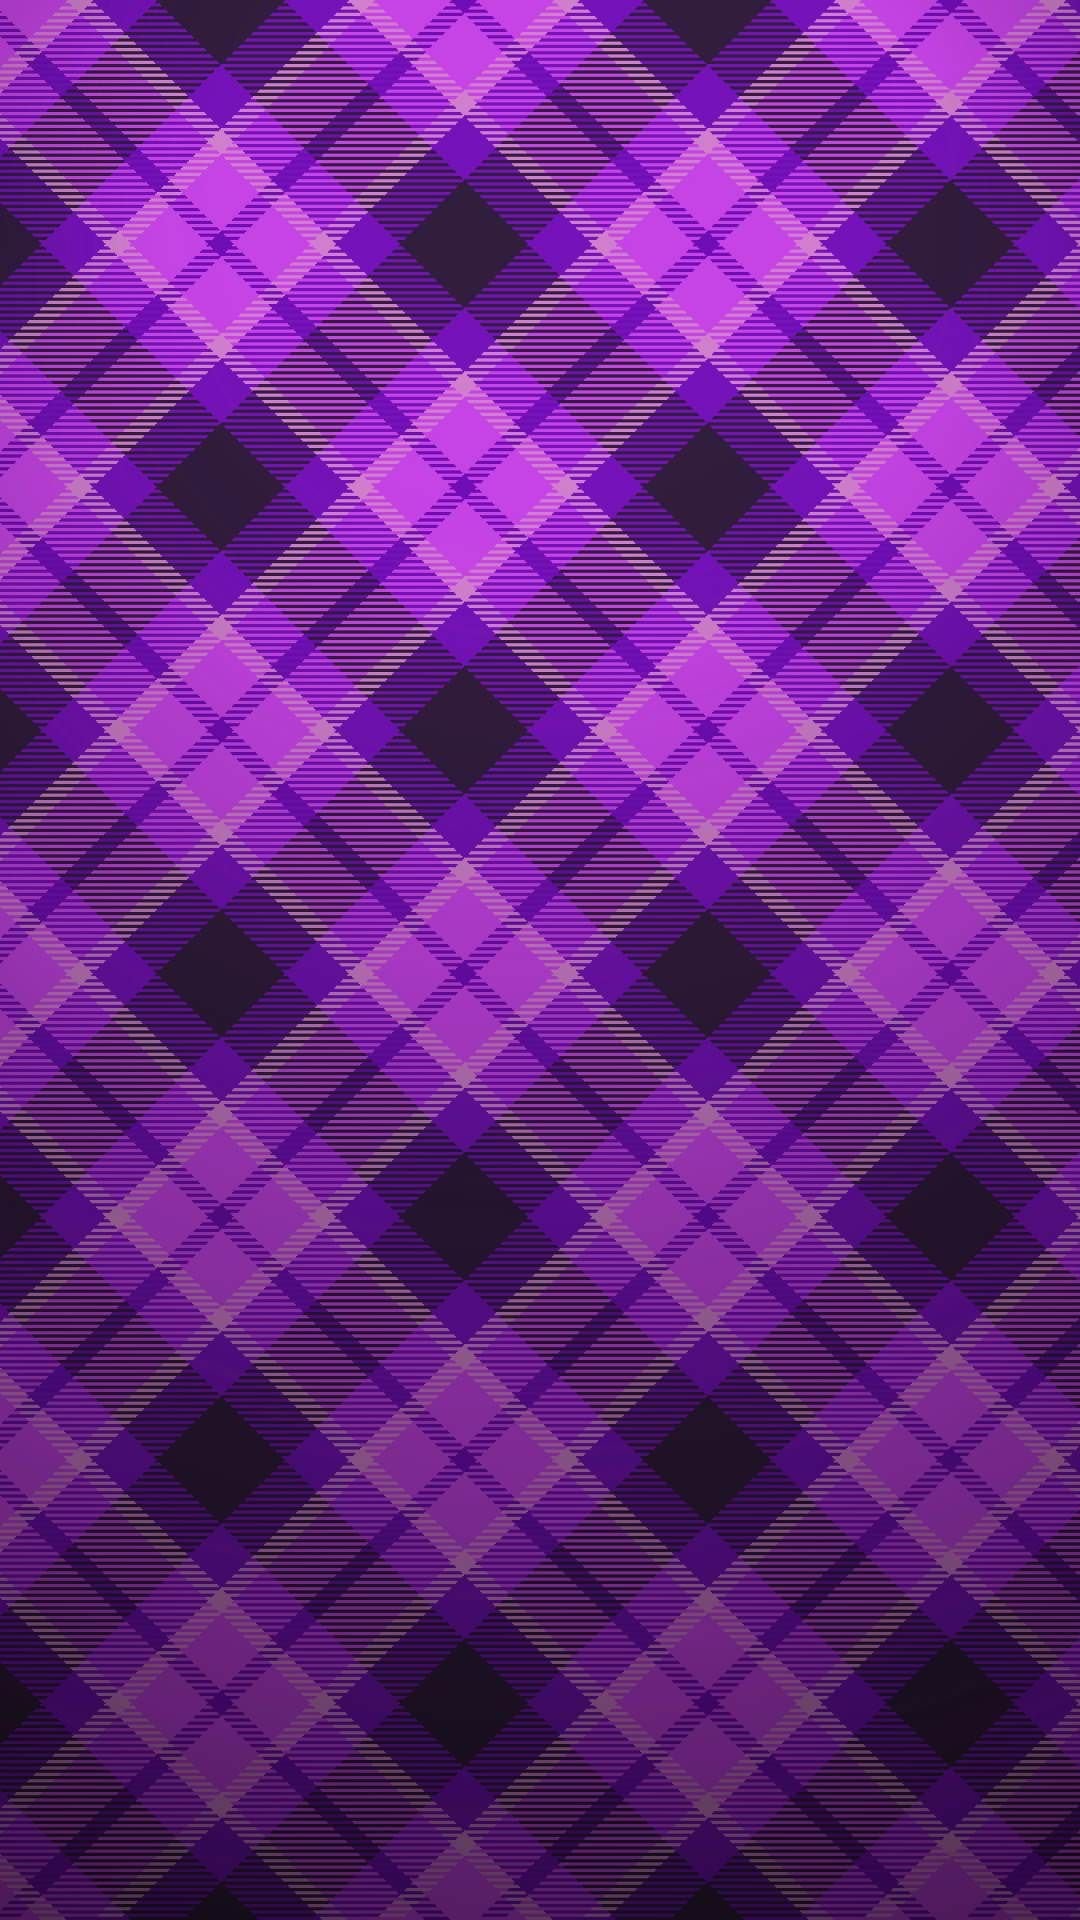 紫のパターン Iphone6 Plus壁紙 Wallpaperbox 紫色の壁紙 壁紙 ステッカー 作成